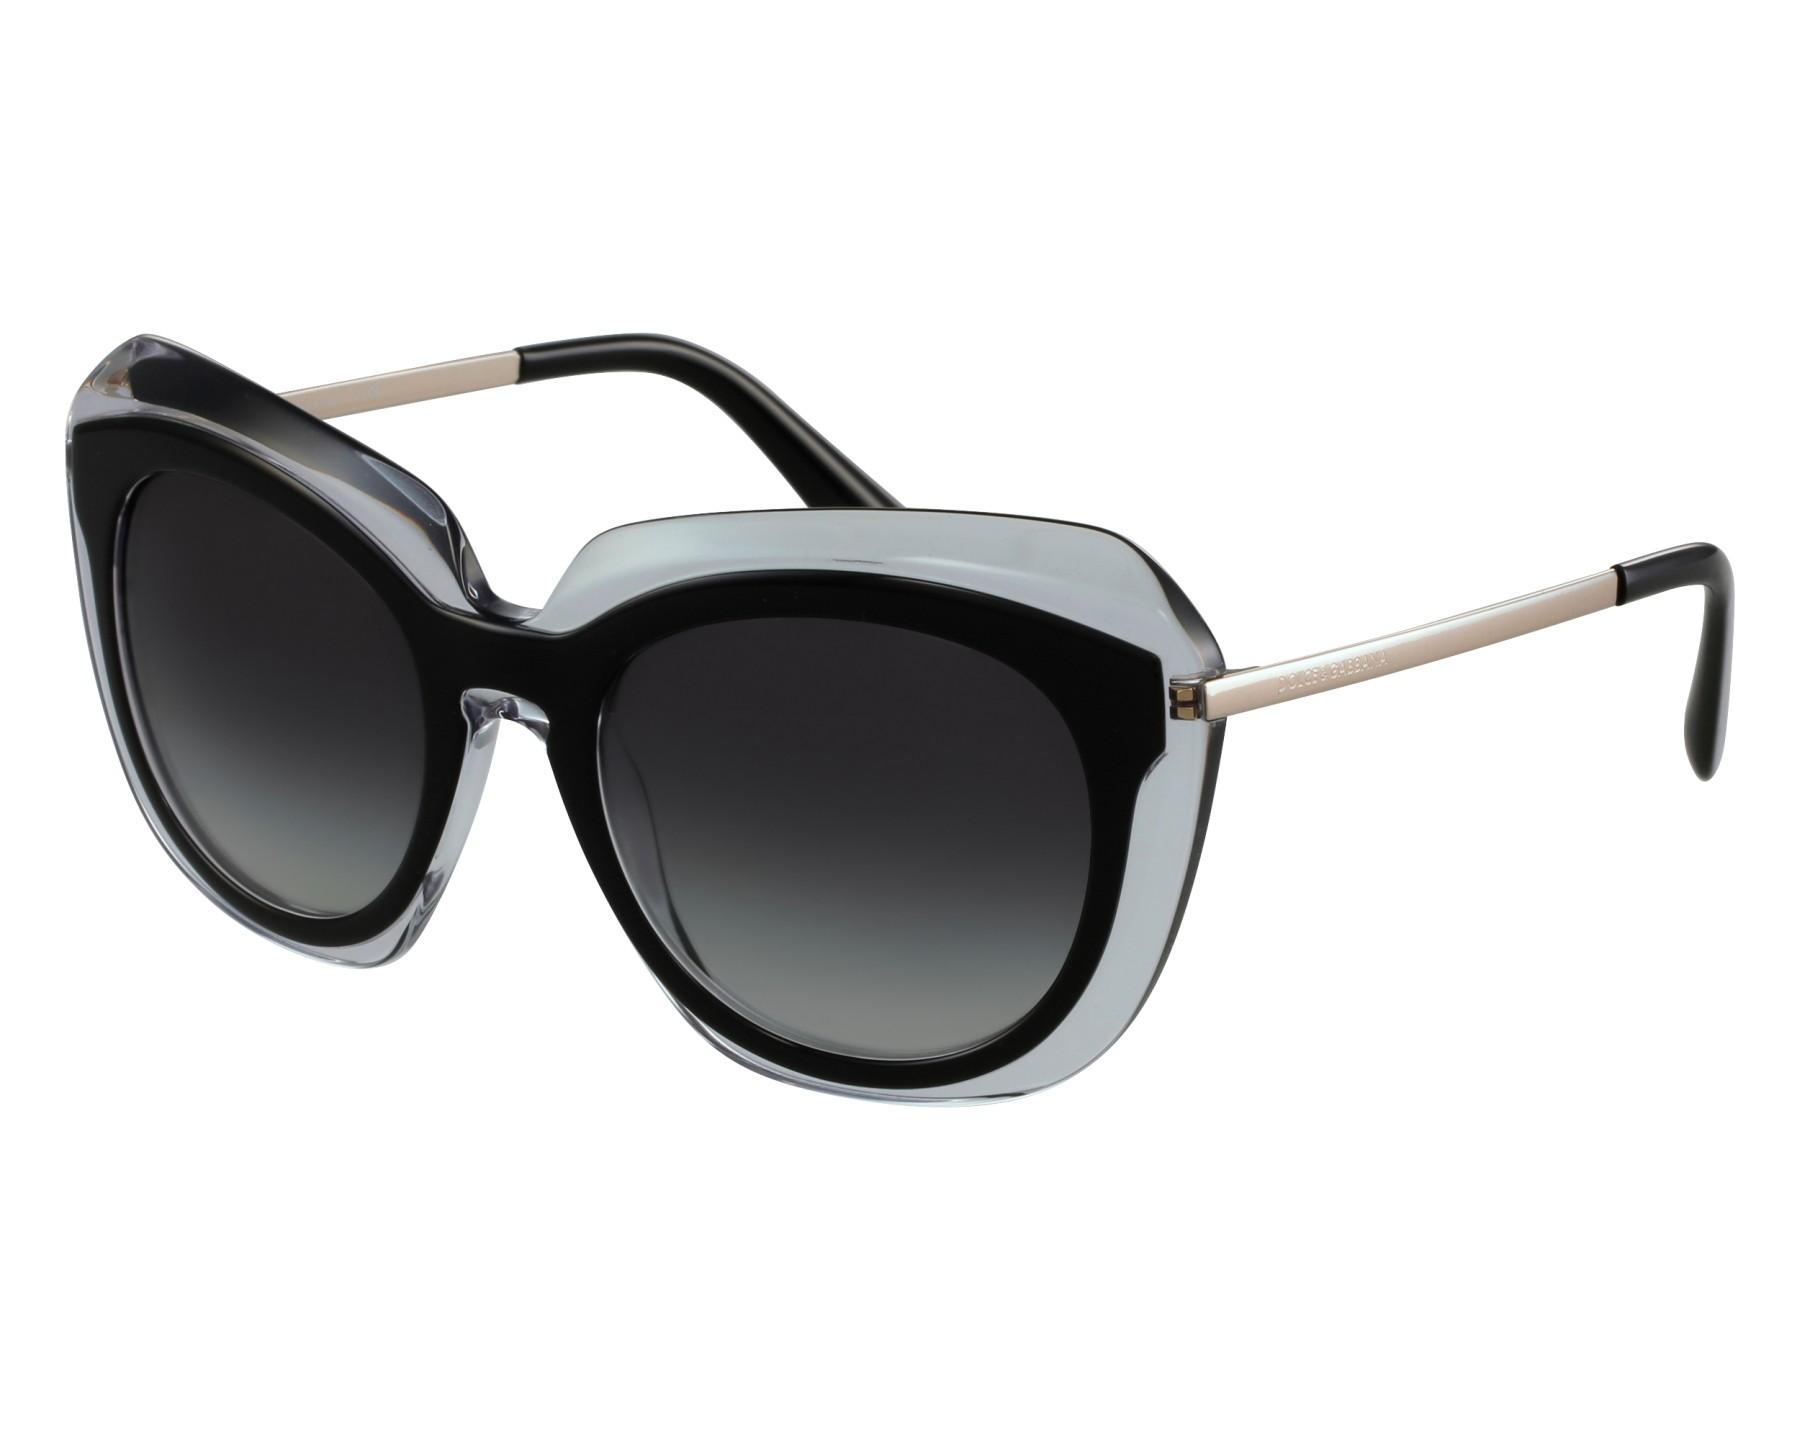 lunettes de soleil dolce gabbana dg 4282 675 8g noir avec des verres gris pour femmes. Black Bedroom Furniture Sets. Home Design Ideas